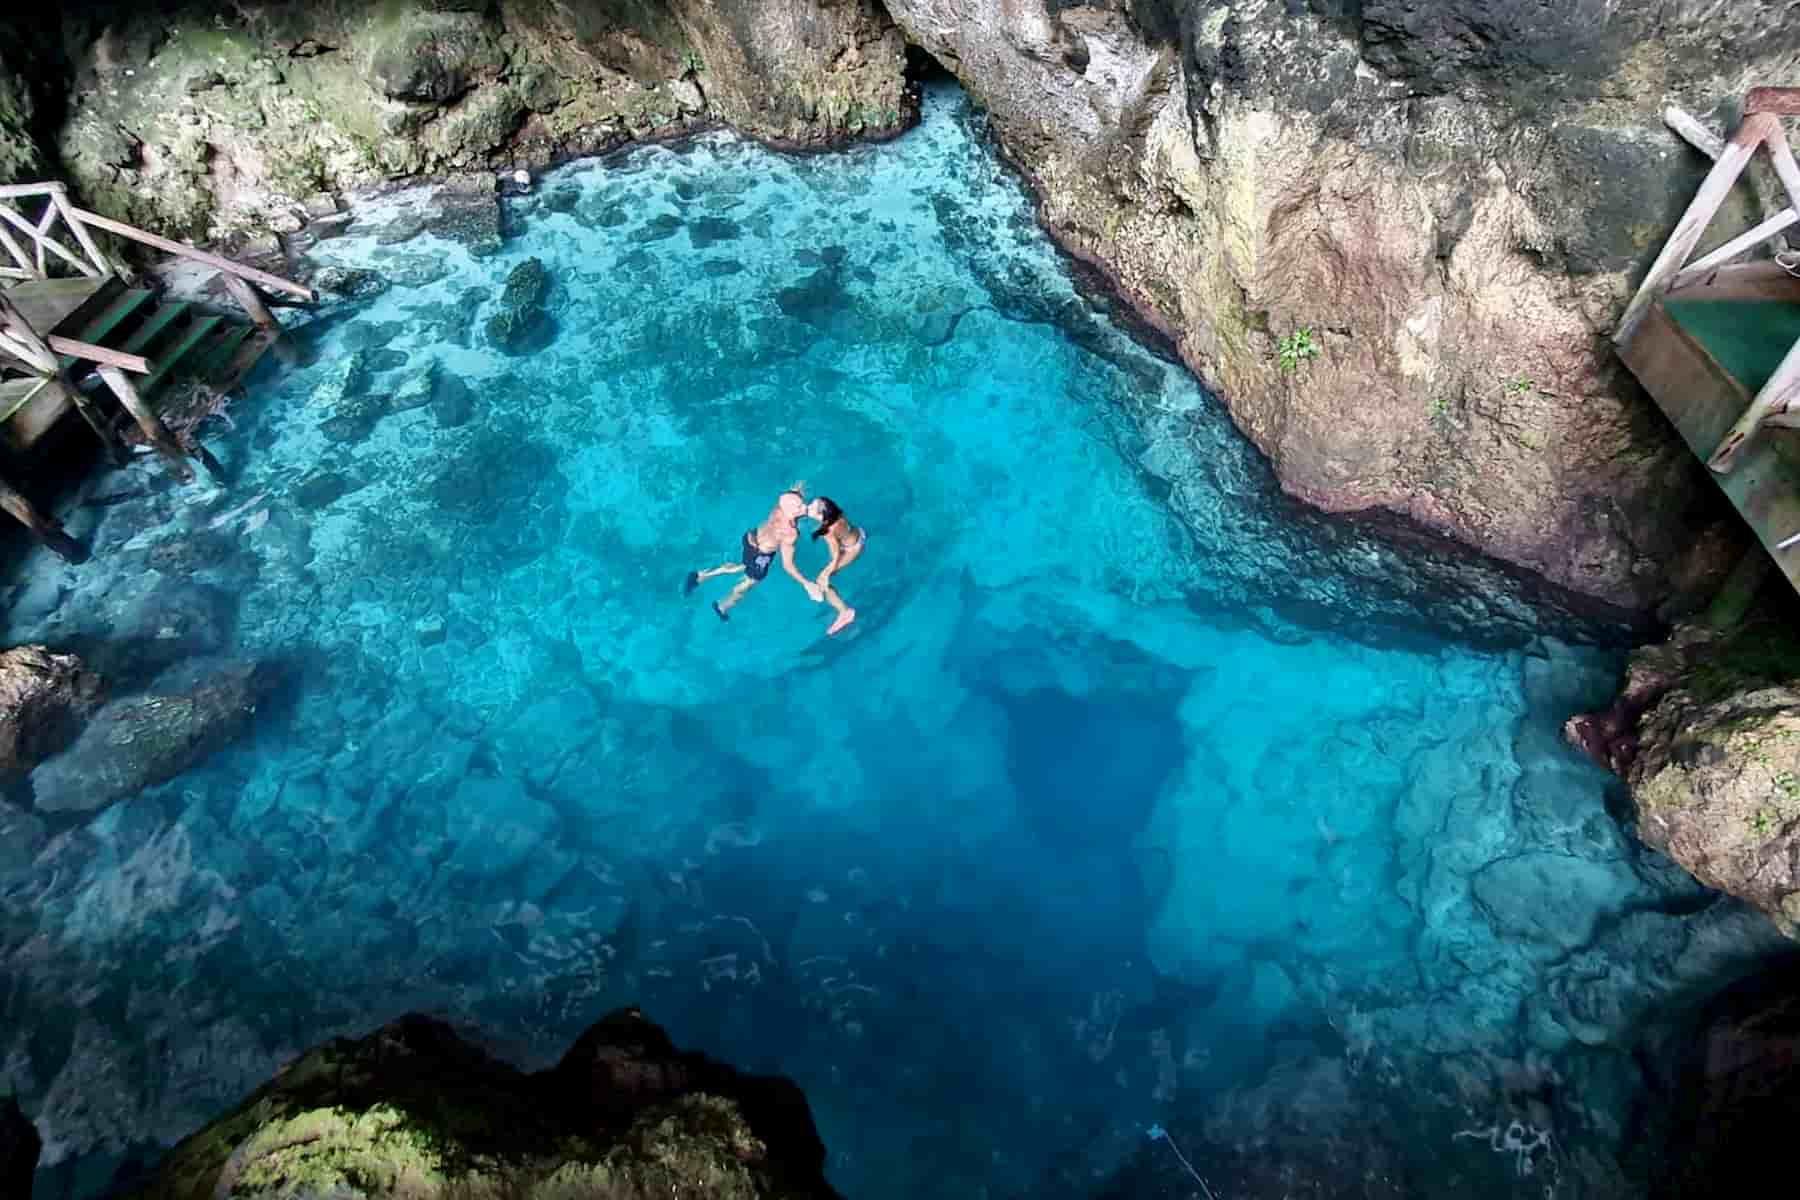 Hoyo Azul Republica Dominicana www.elpensador.info